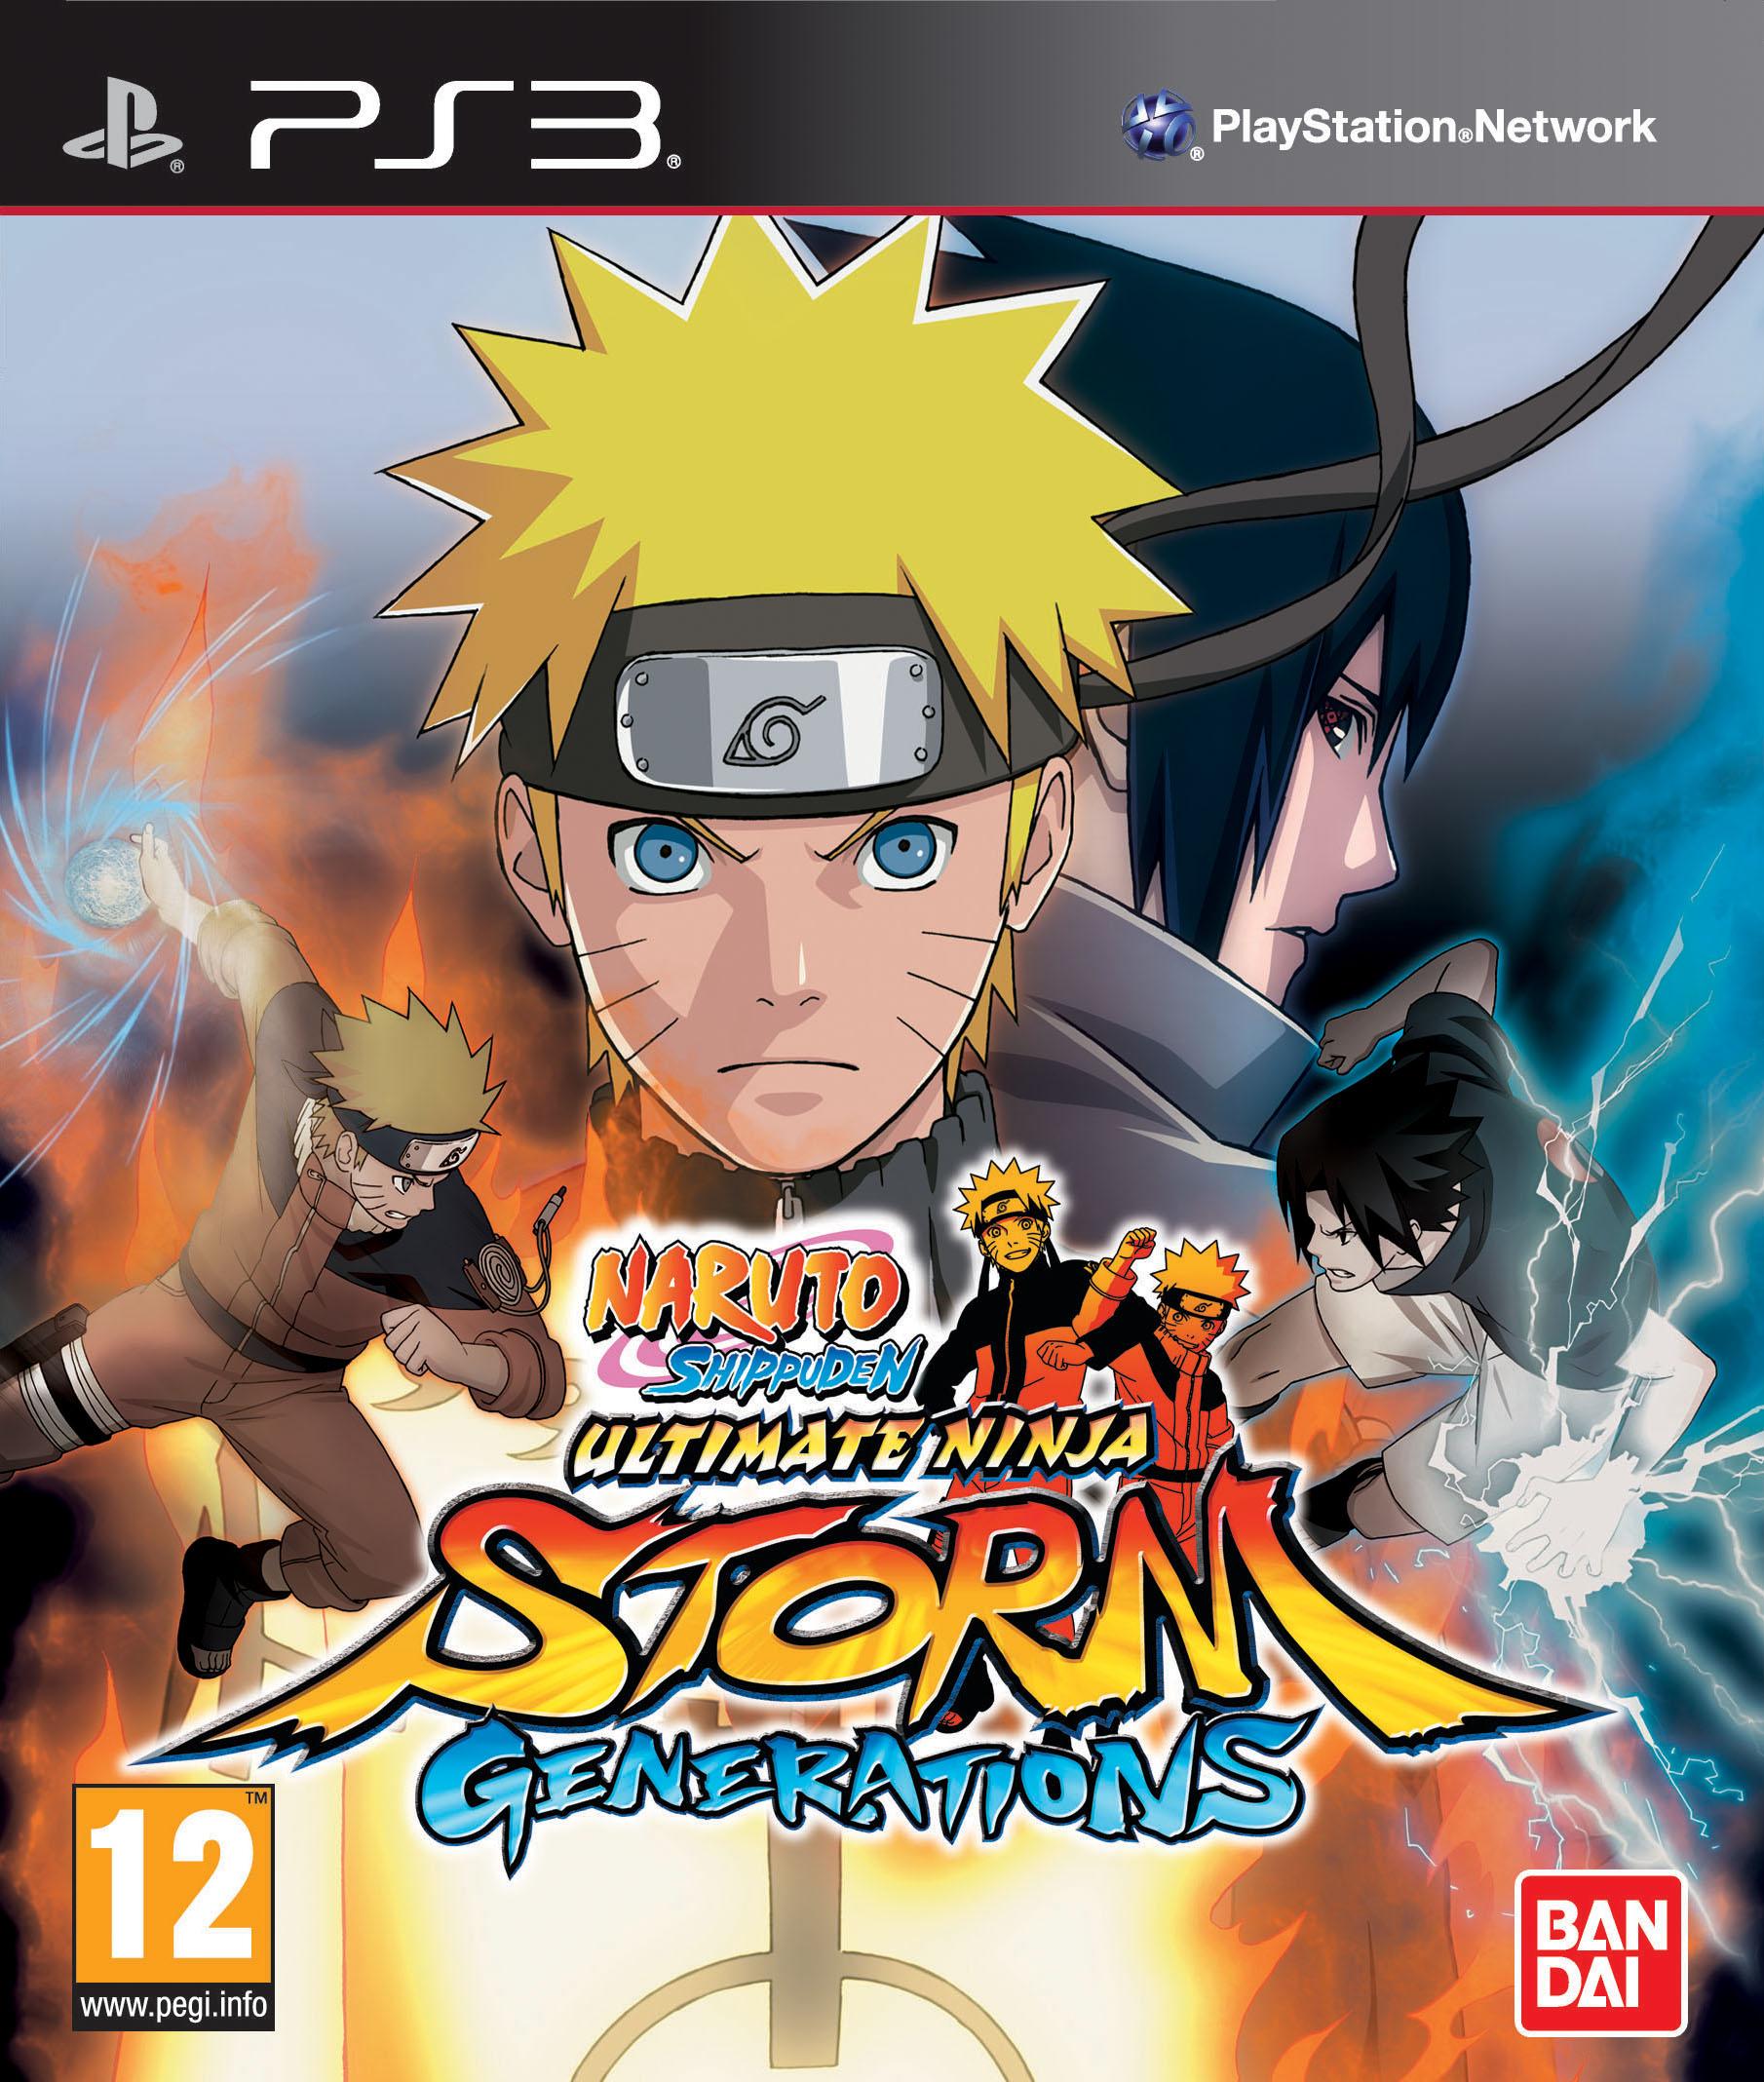 Naruto shipp den ultimate ninja storm generations narutopedia fandom powered by wikia